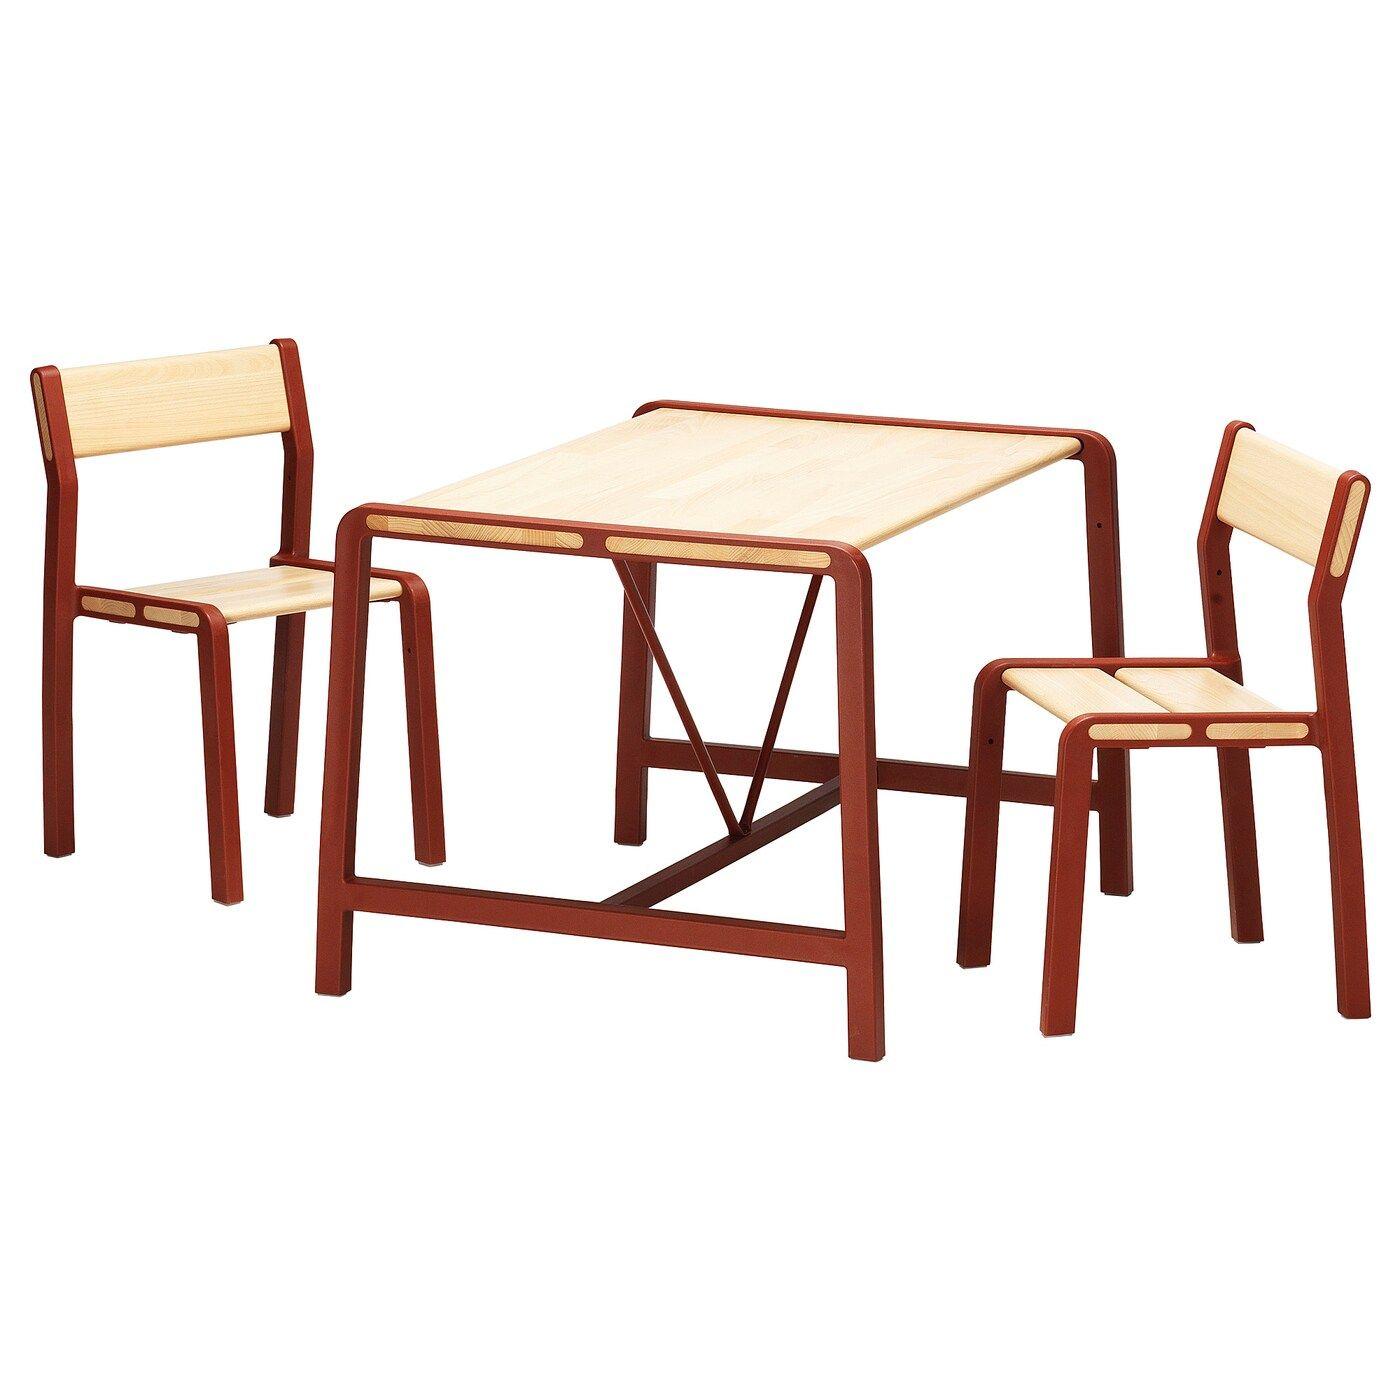 Ypperlig Kindertisch Mit 2 Stuhlen Kindertisch Ikea Und Stuhle